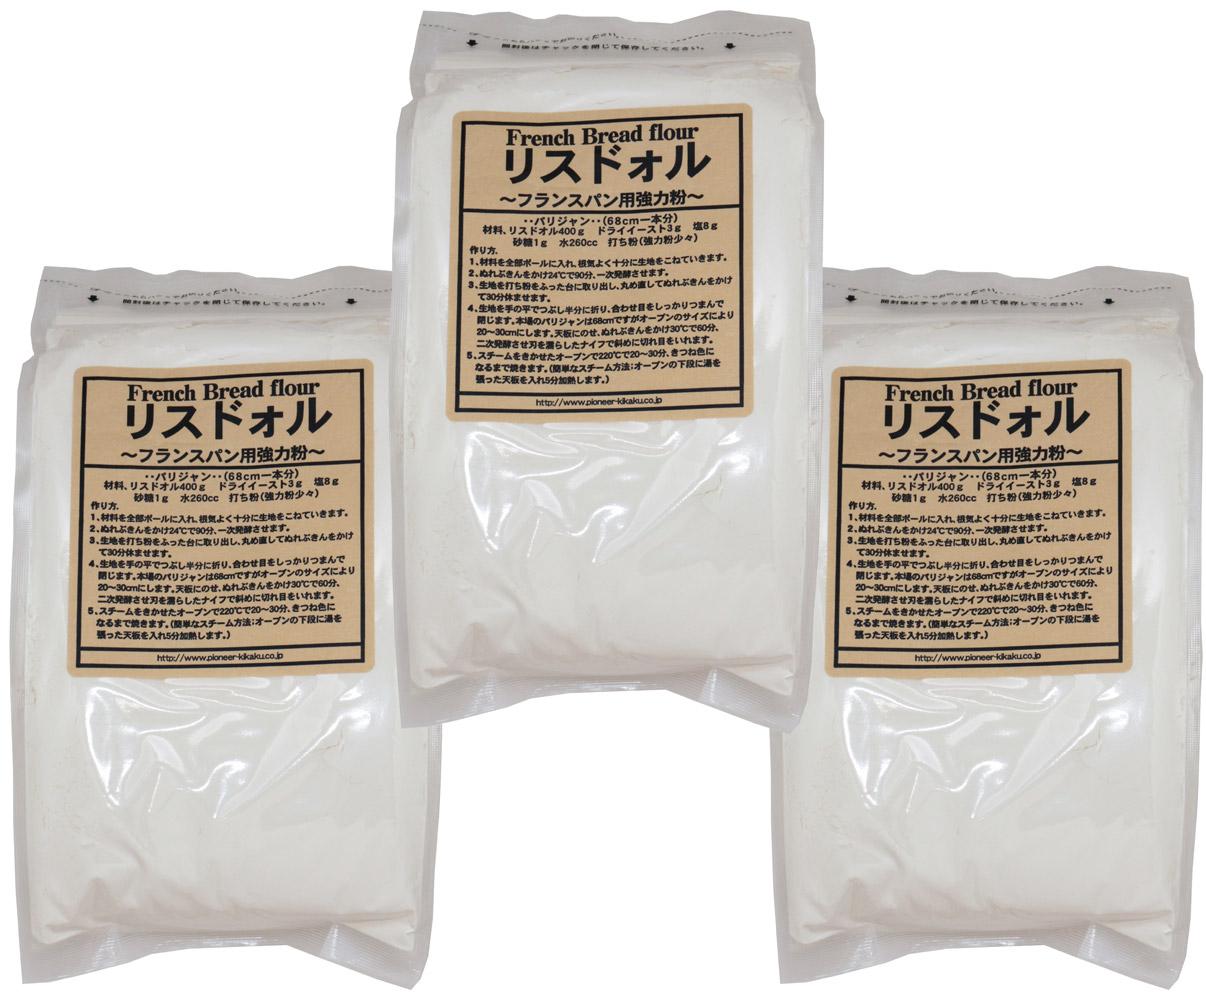 十分な発酵により 豊かな風味と深い味わい パイオニア企画 リスドォル 800g×3袋 こだわり食材 世界の人気ブランド 洋粉 製菓材料 低廉 フランスパン用粉 小麦粉